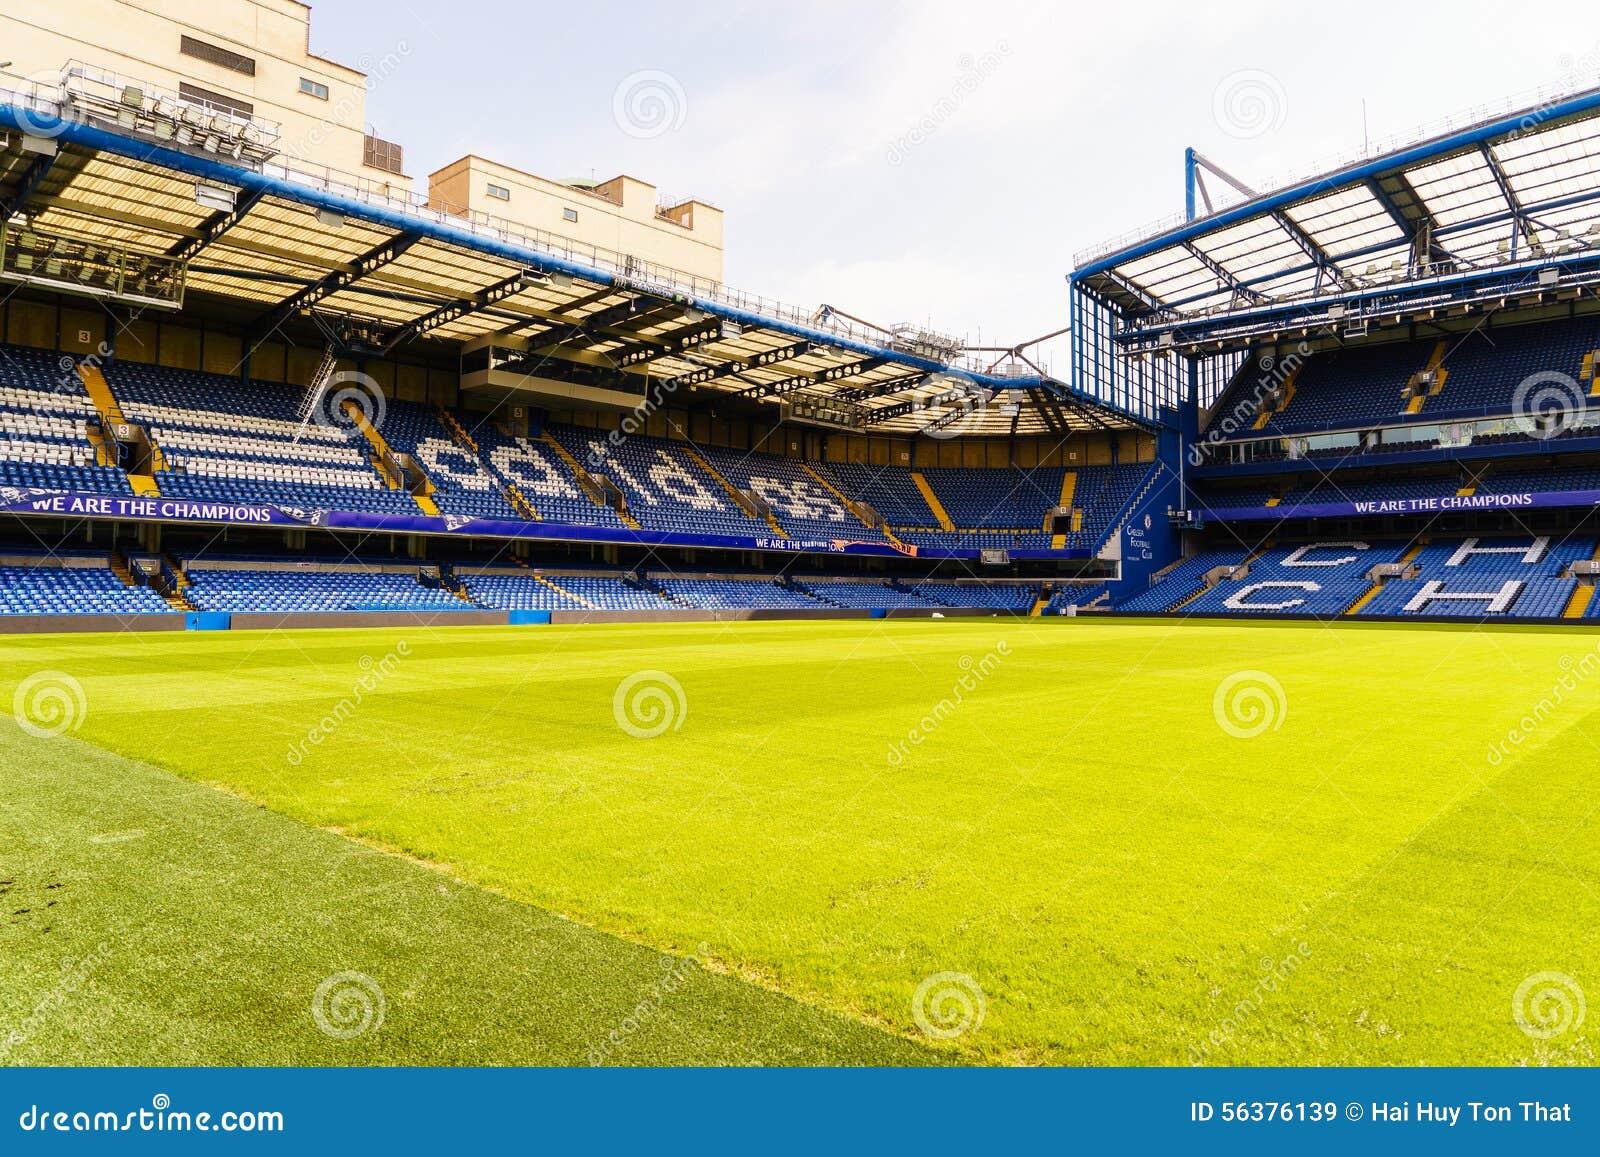 Chelsea FC Stamford Bridge Stadium Editorial Stock Image